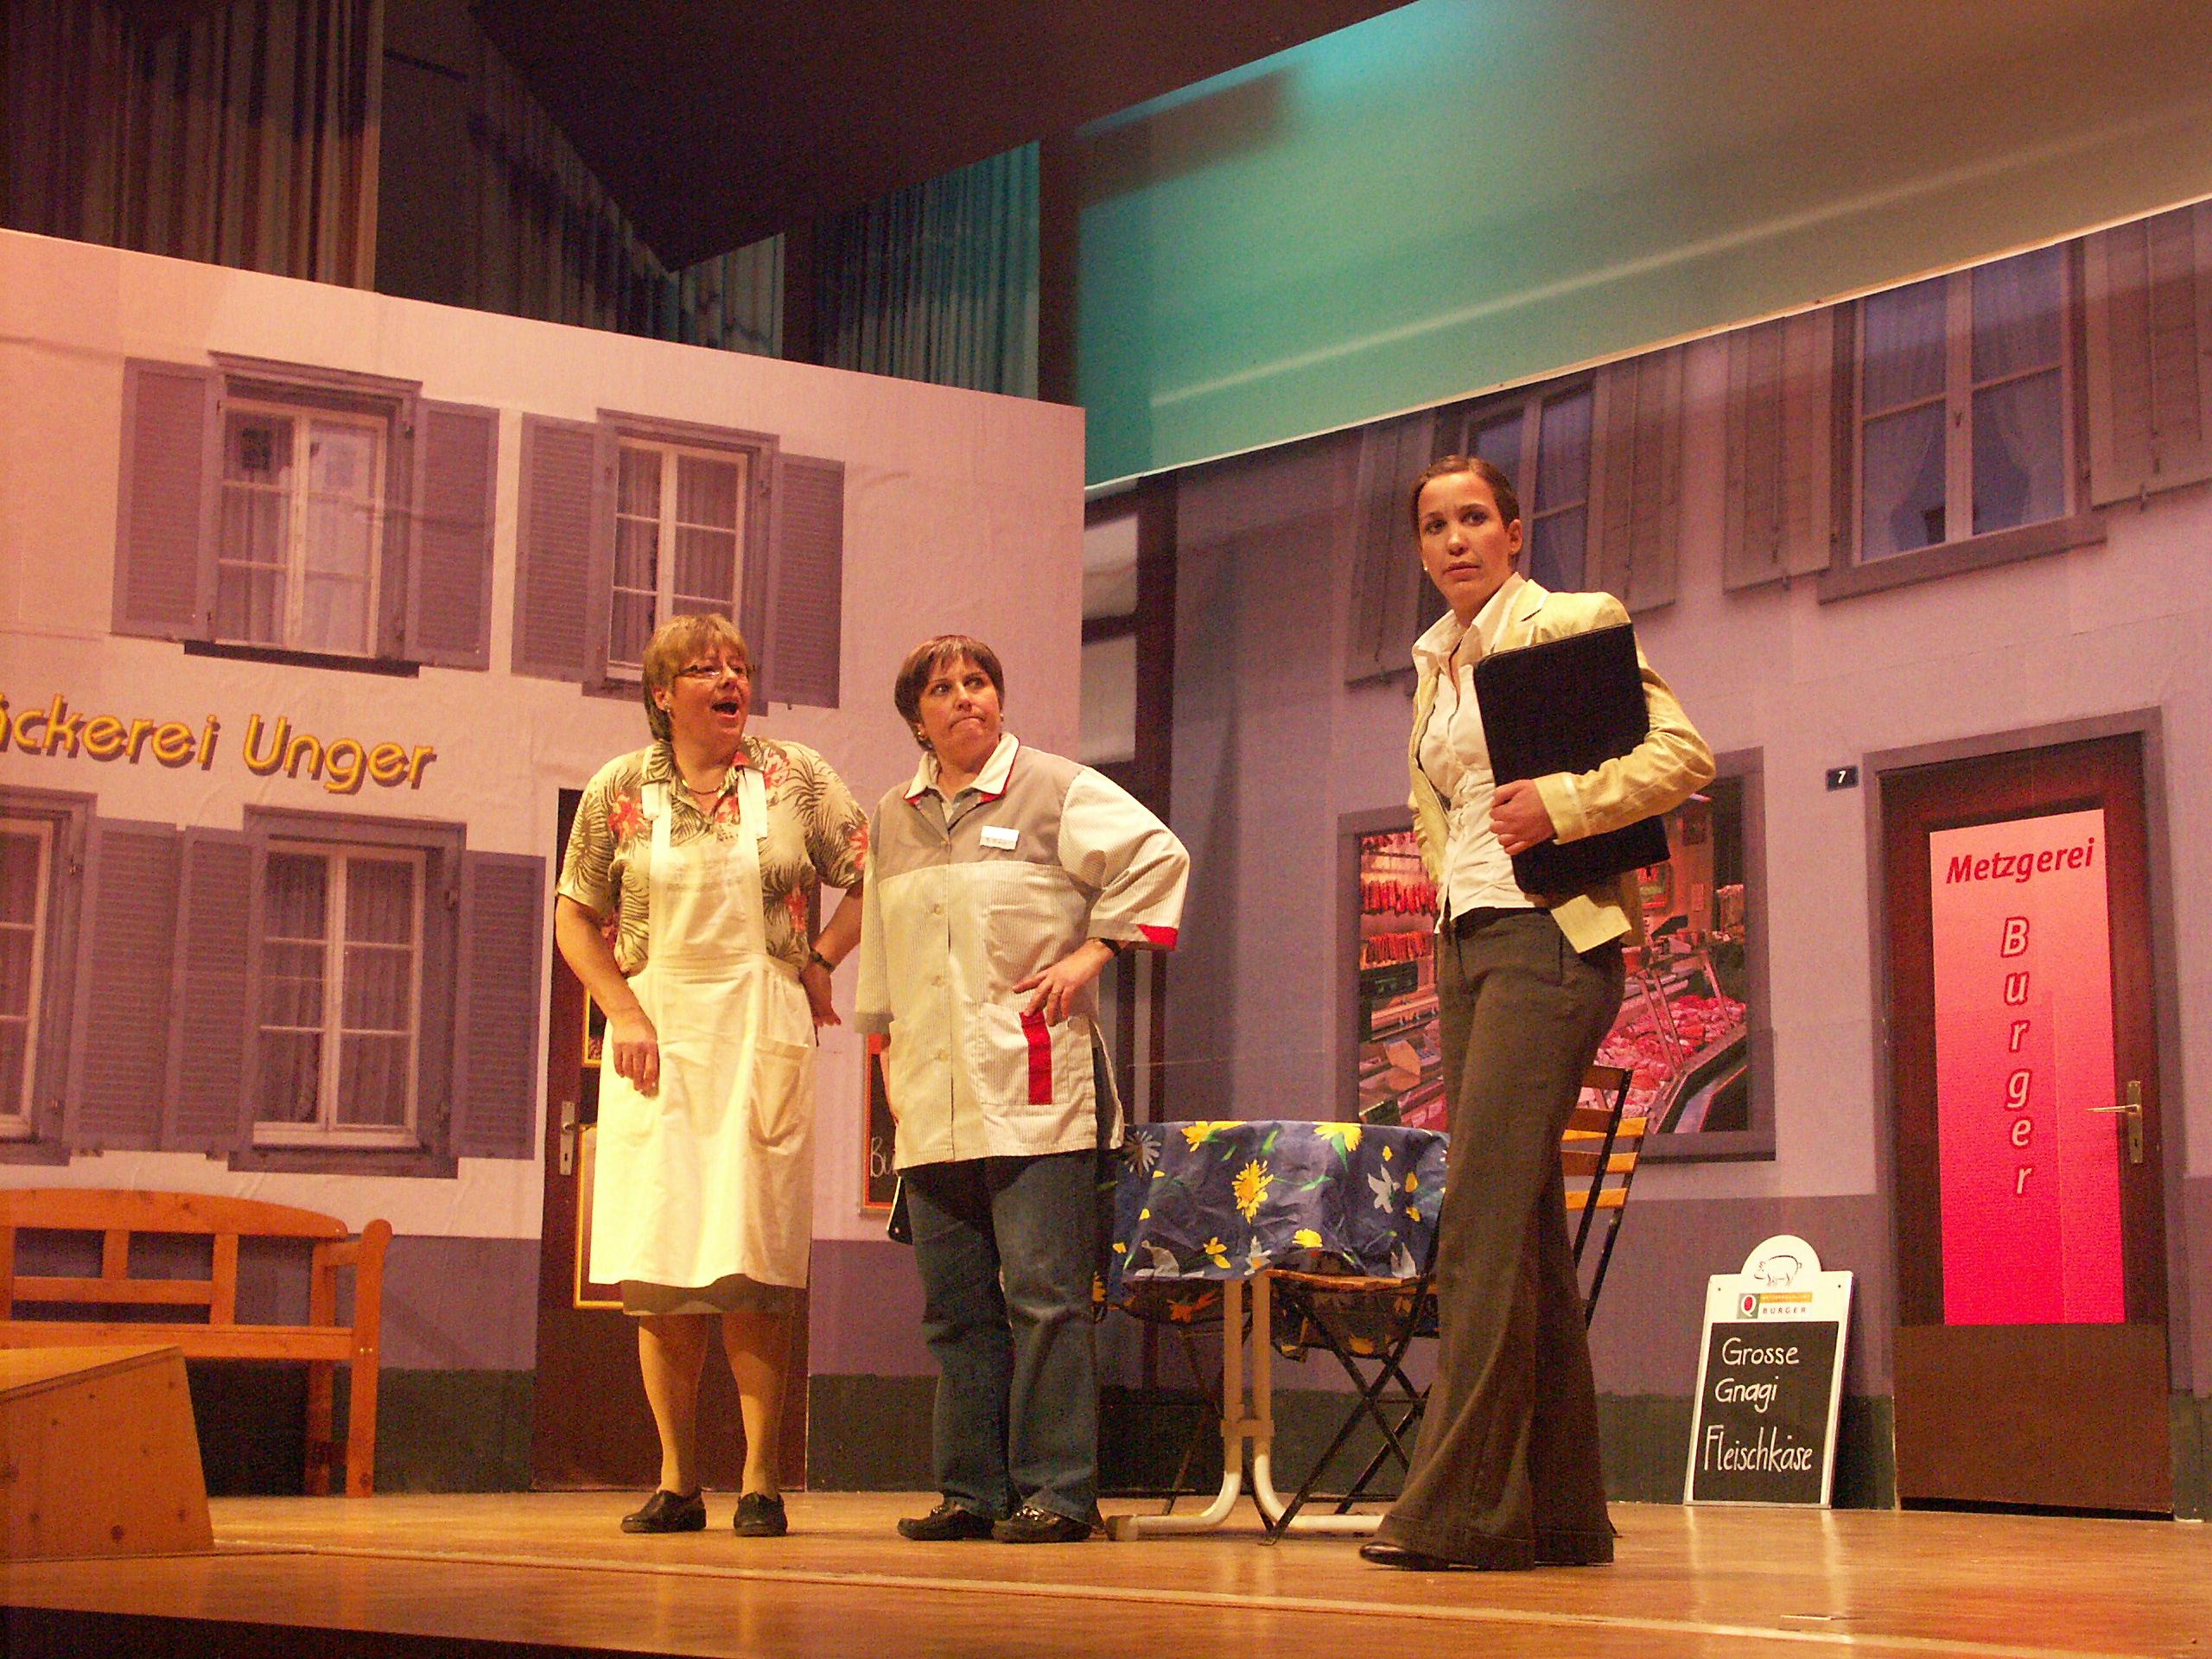 Theater-Hüttwilen27.02.10-041